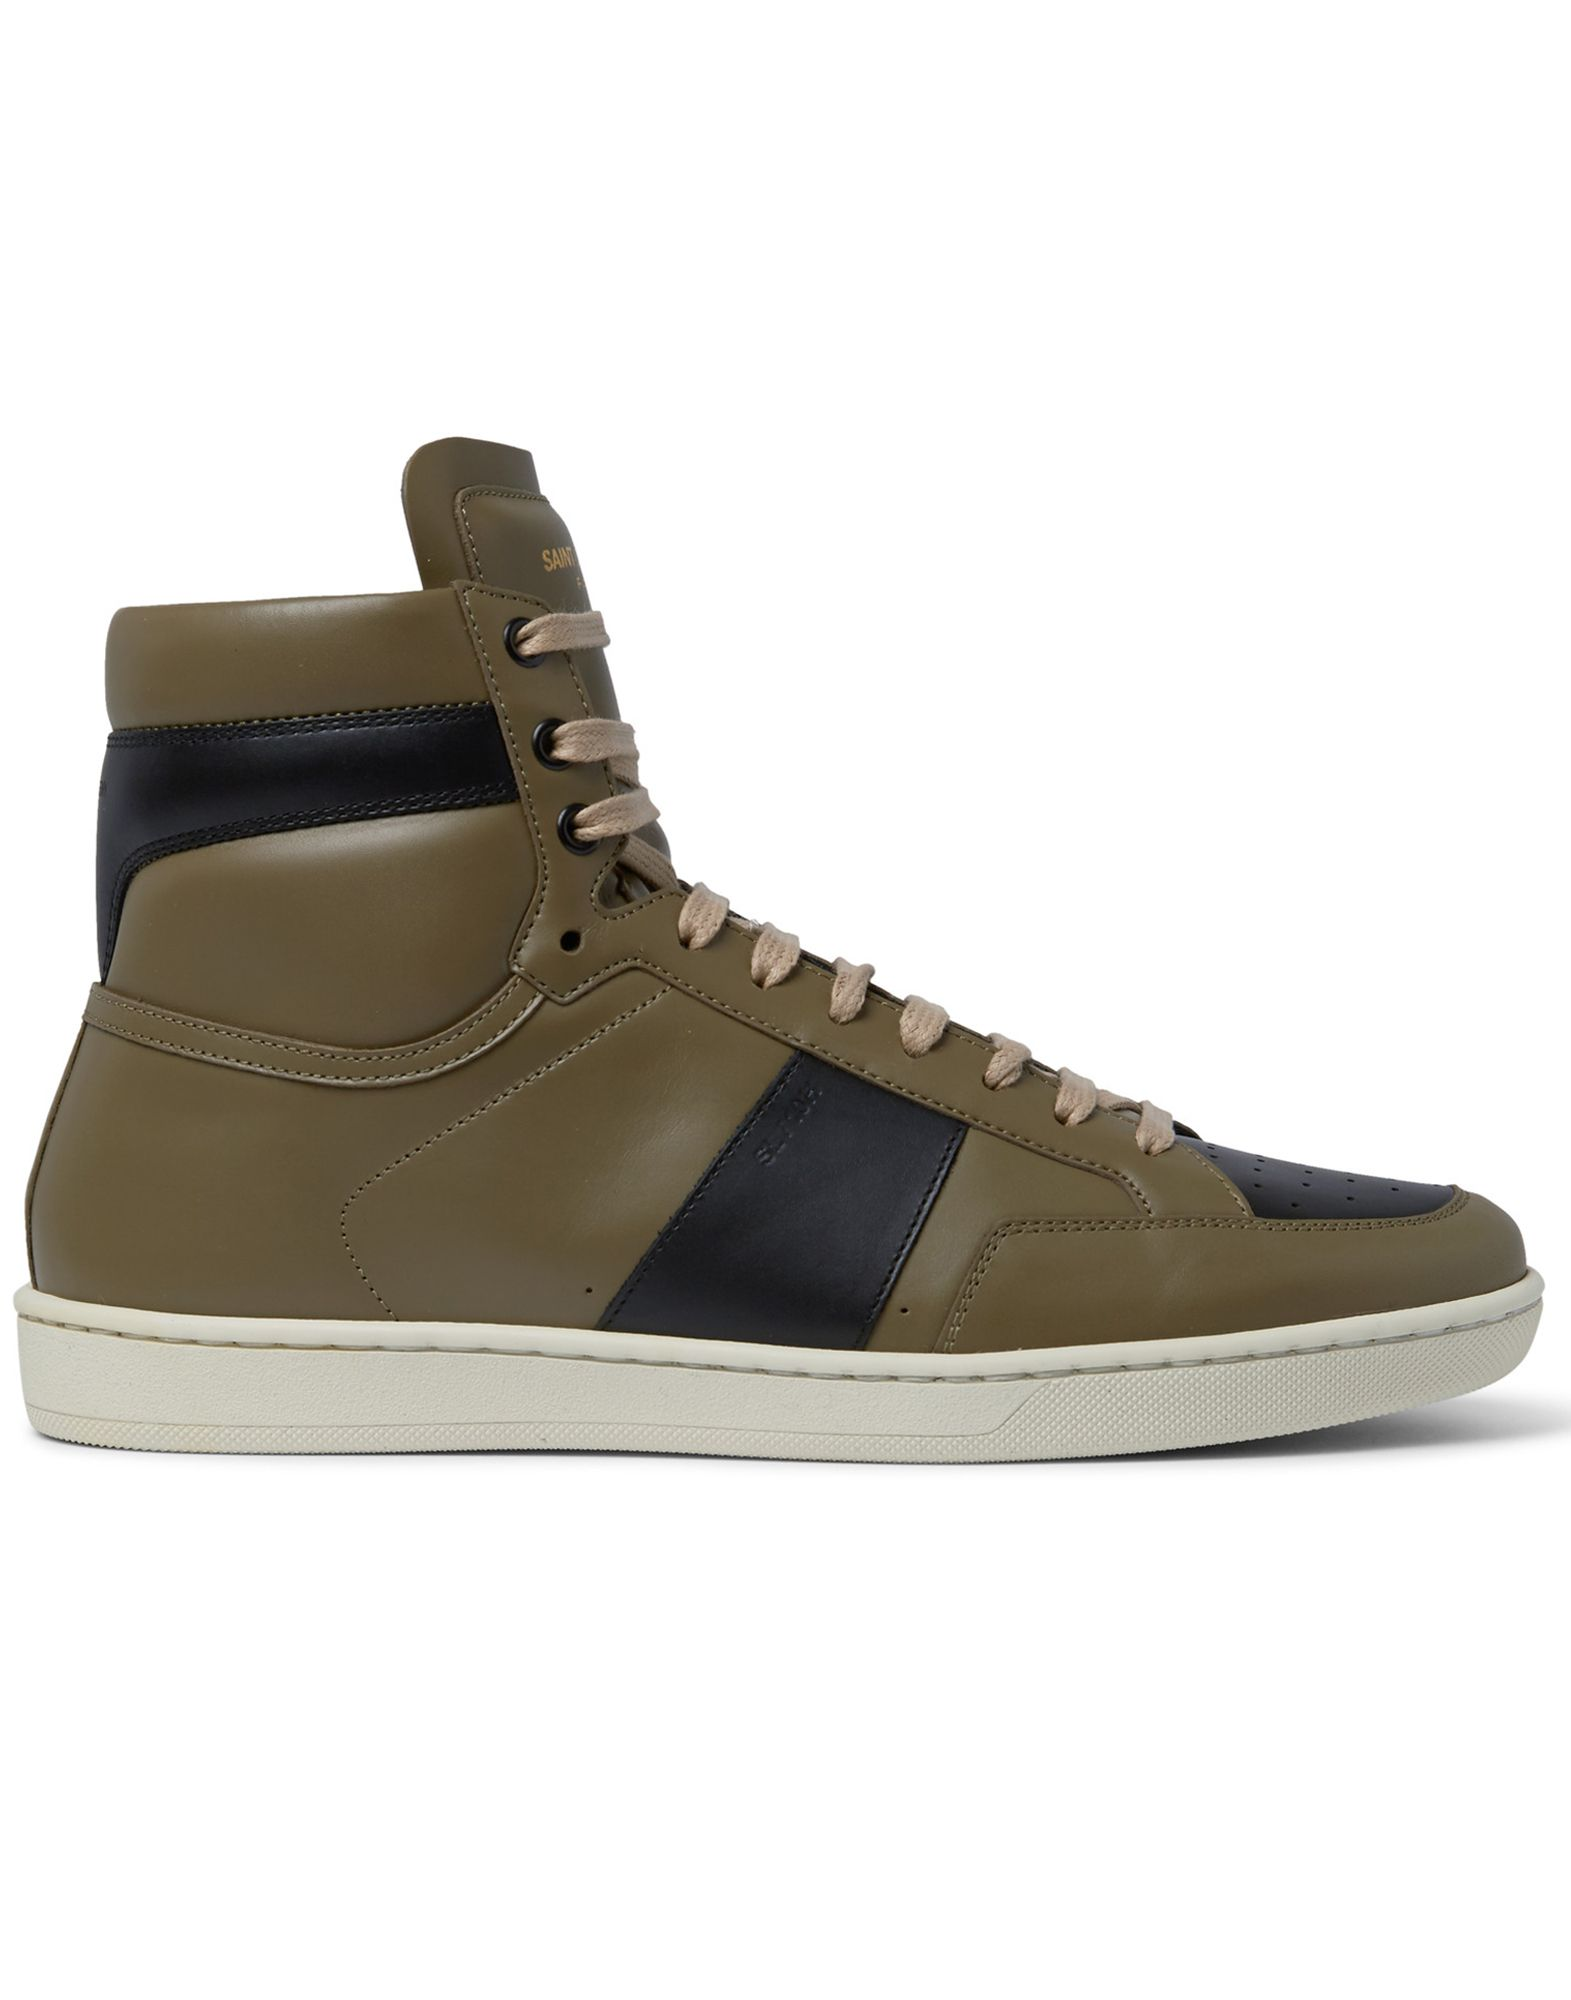 Sneakers Saint Laurent Laurent Homme - Sneakers Saint Laurent Saint  Vert militaire Chaussures femme pas cher homme et femme c049b6